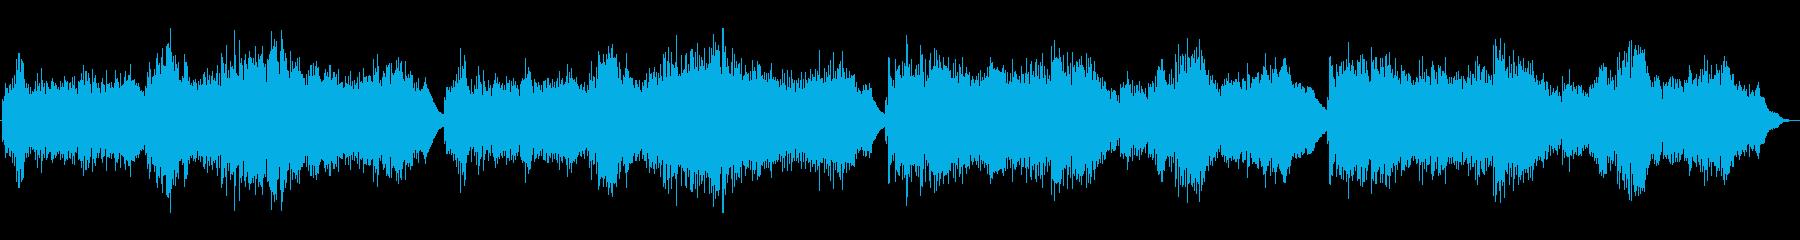 ピアノの可愛らしい曲の再生済みの波形